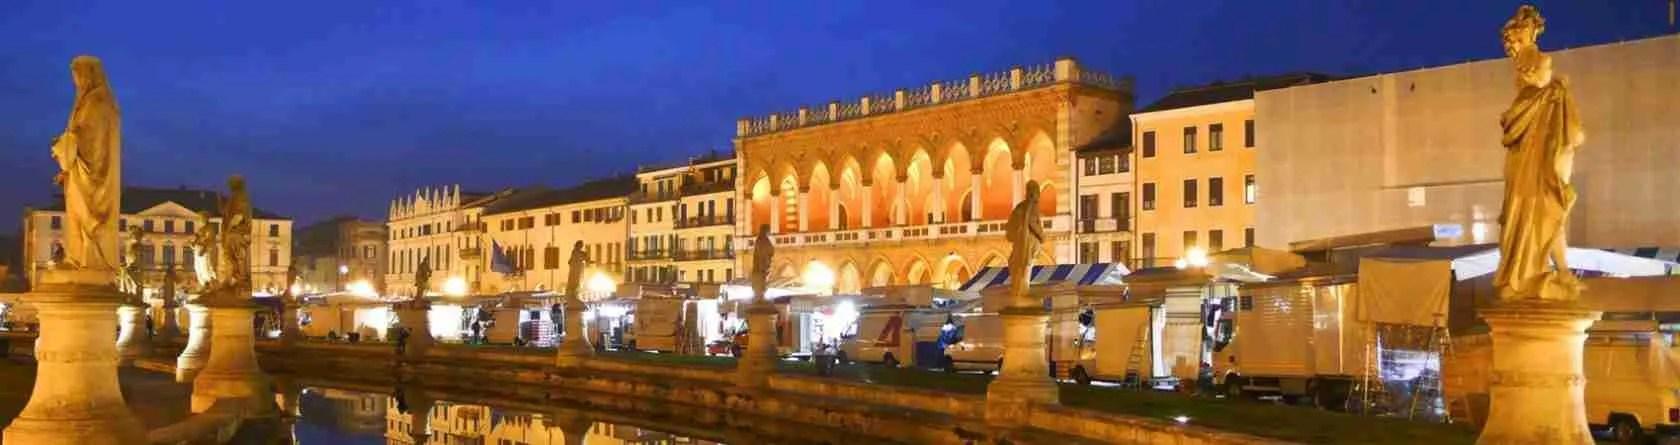 Le escort Padova amano passeggiare, mano nella mano al tramonto, lungo le vie incantevoli di Padova.